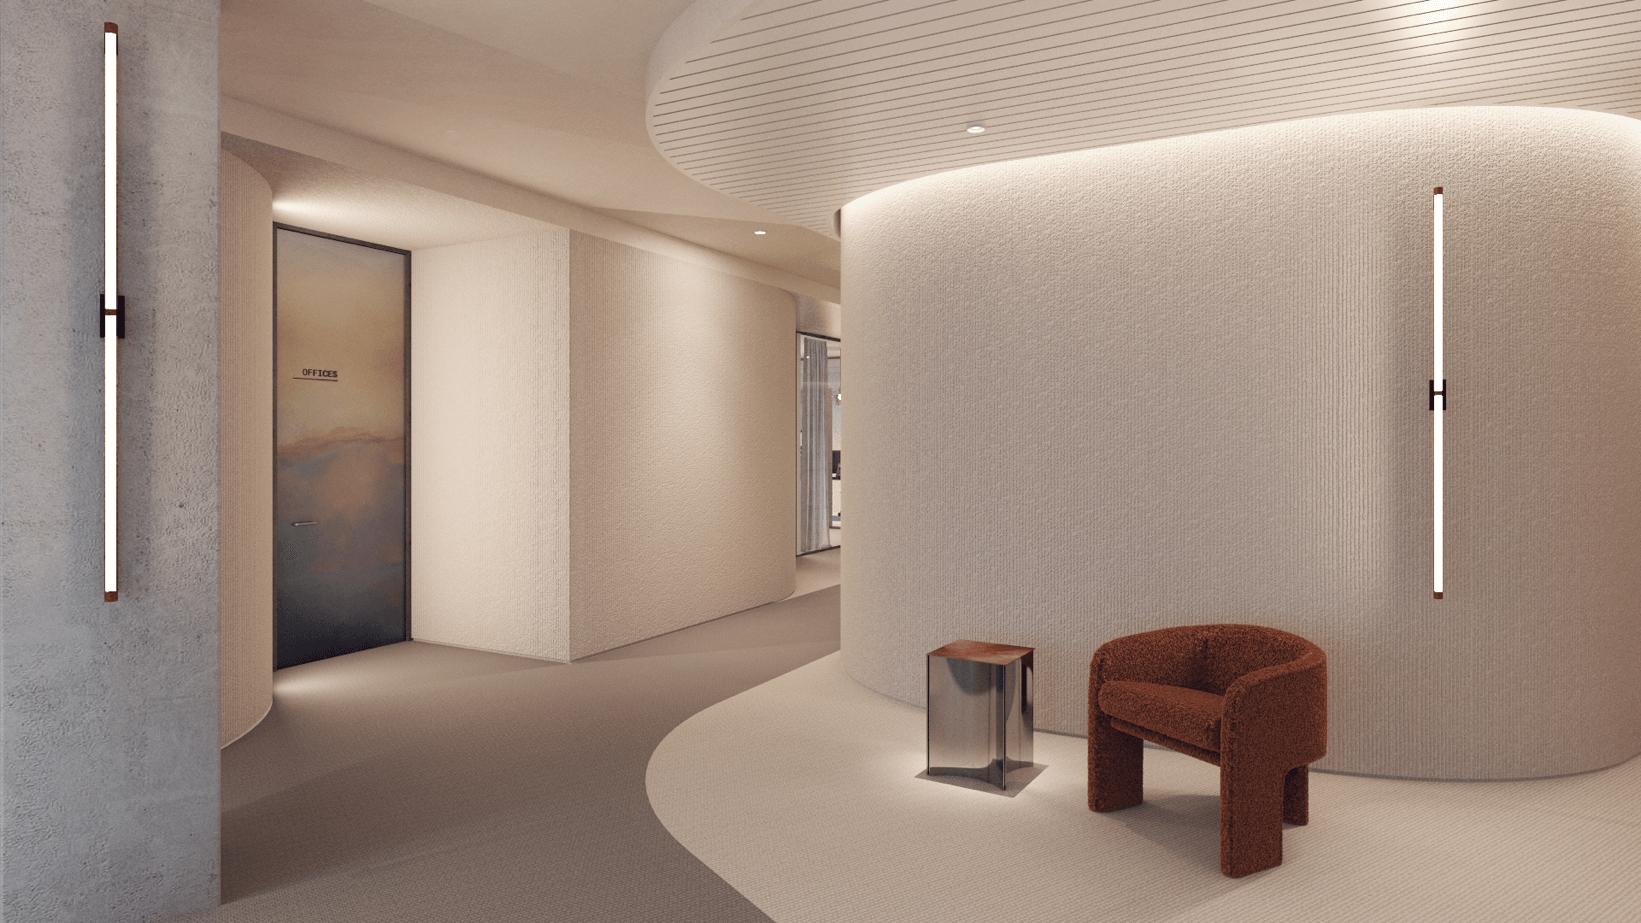 Minimal interiors in Ethias' Executive Management Offices